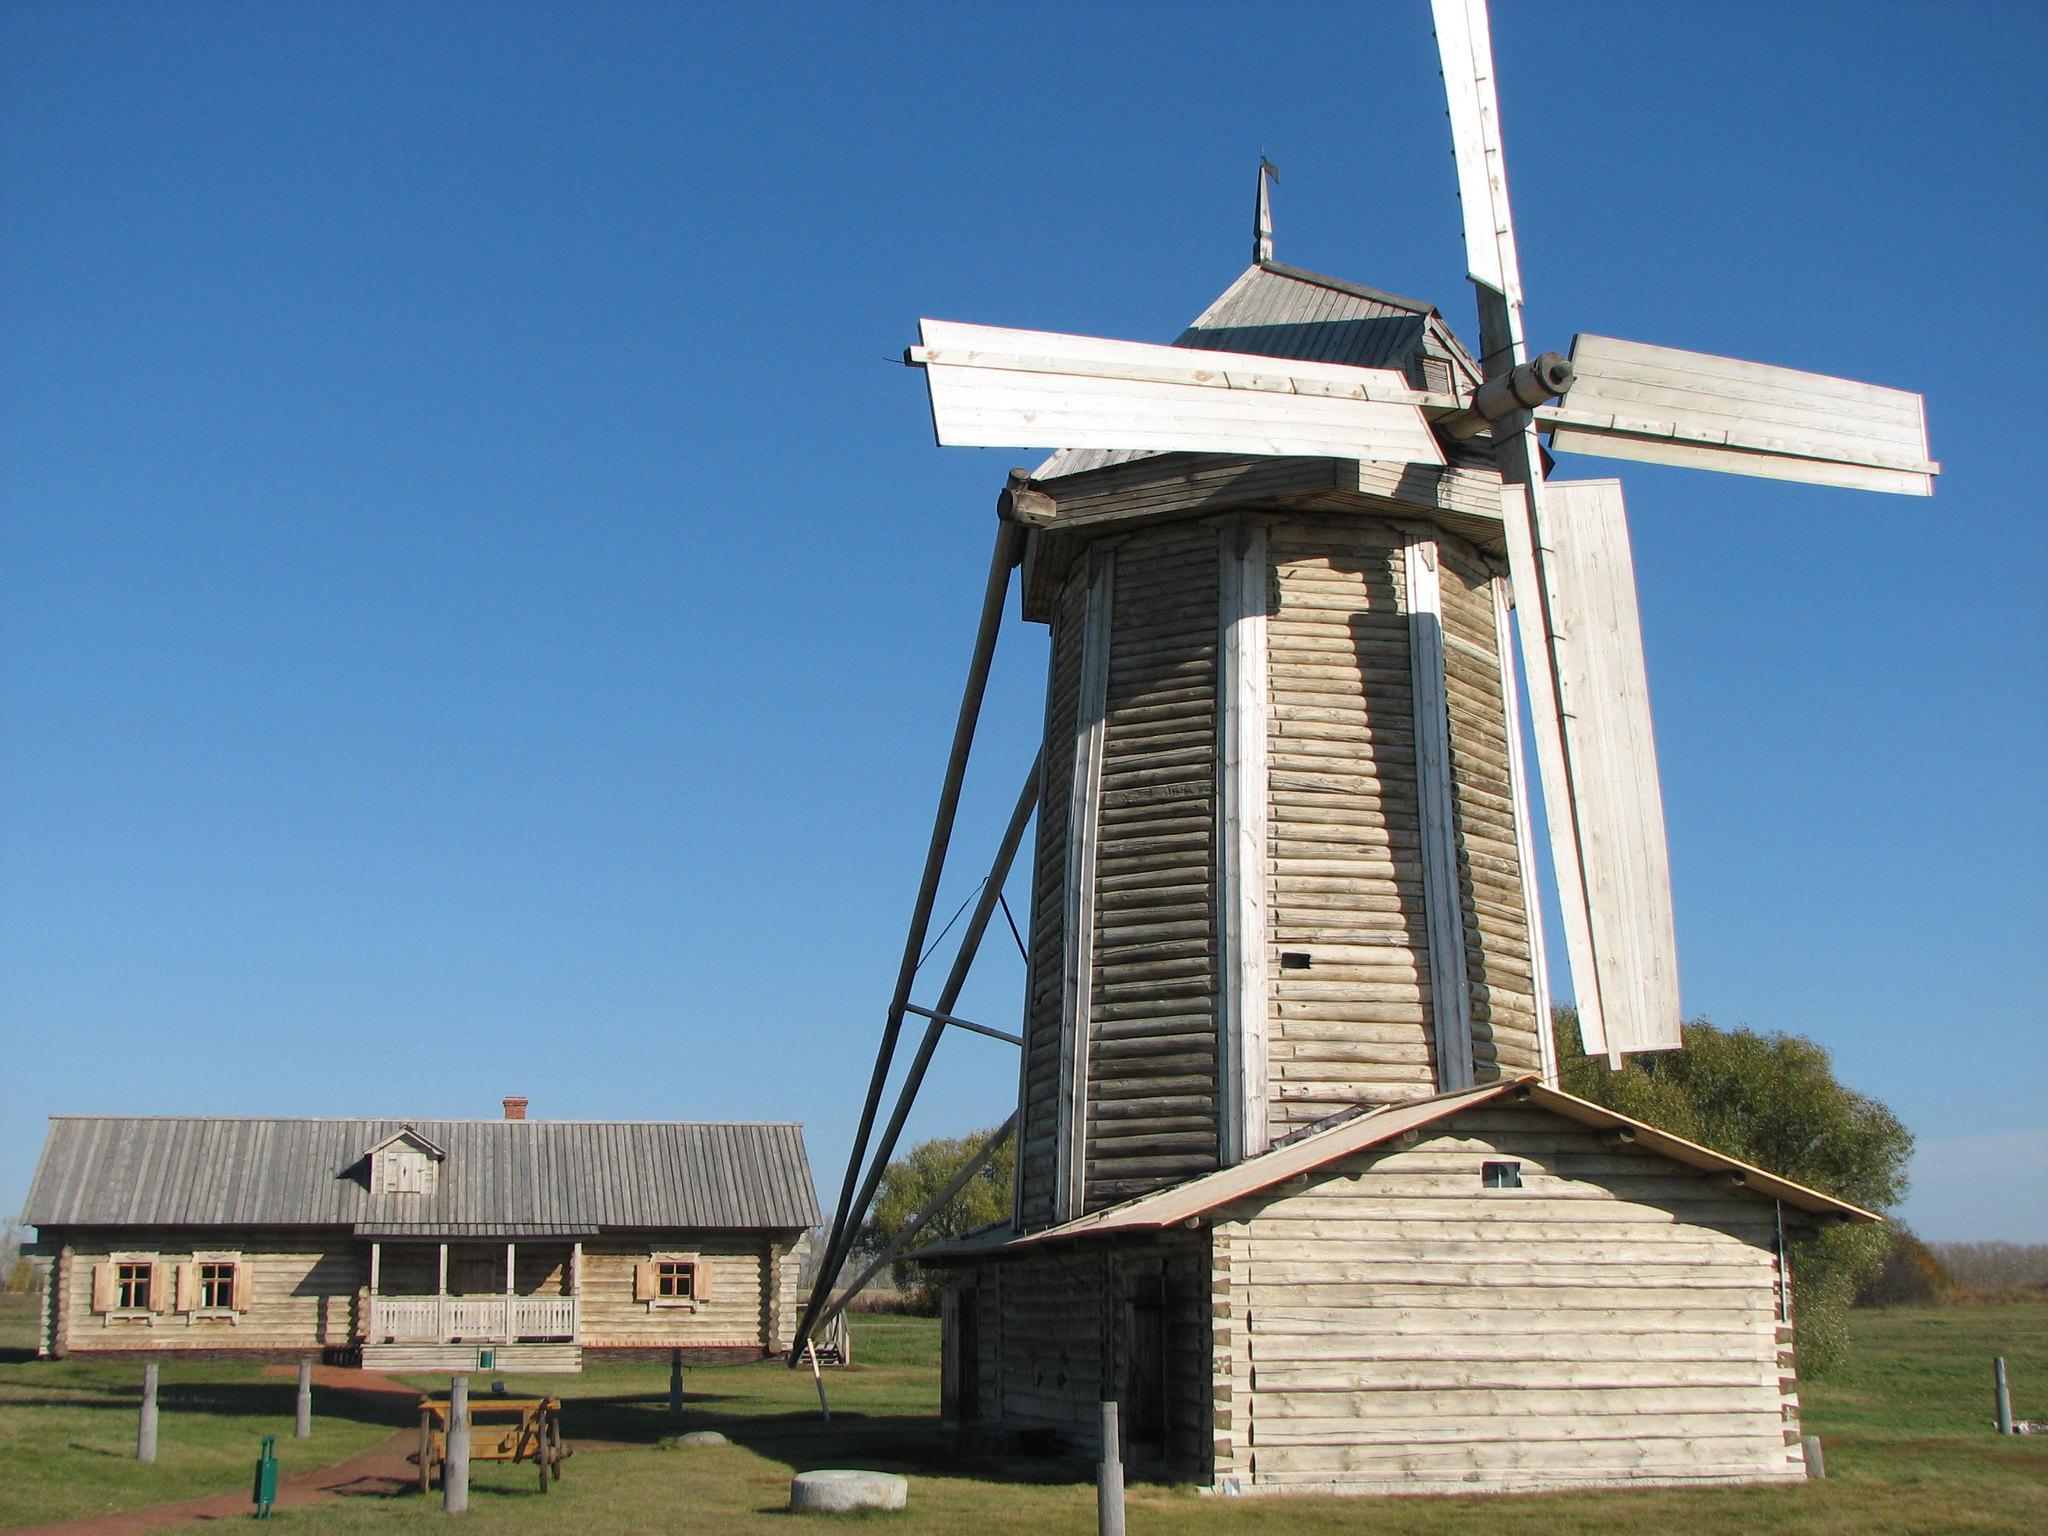 Реставрация ветряной мельницы в сентябре 2017 года в музее-заповеднике «Тарханы»